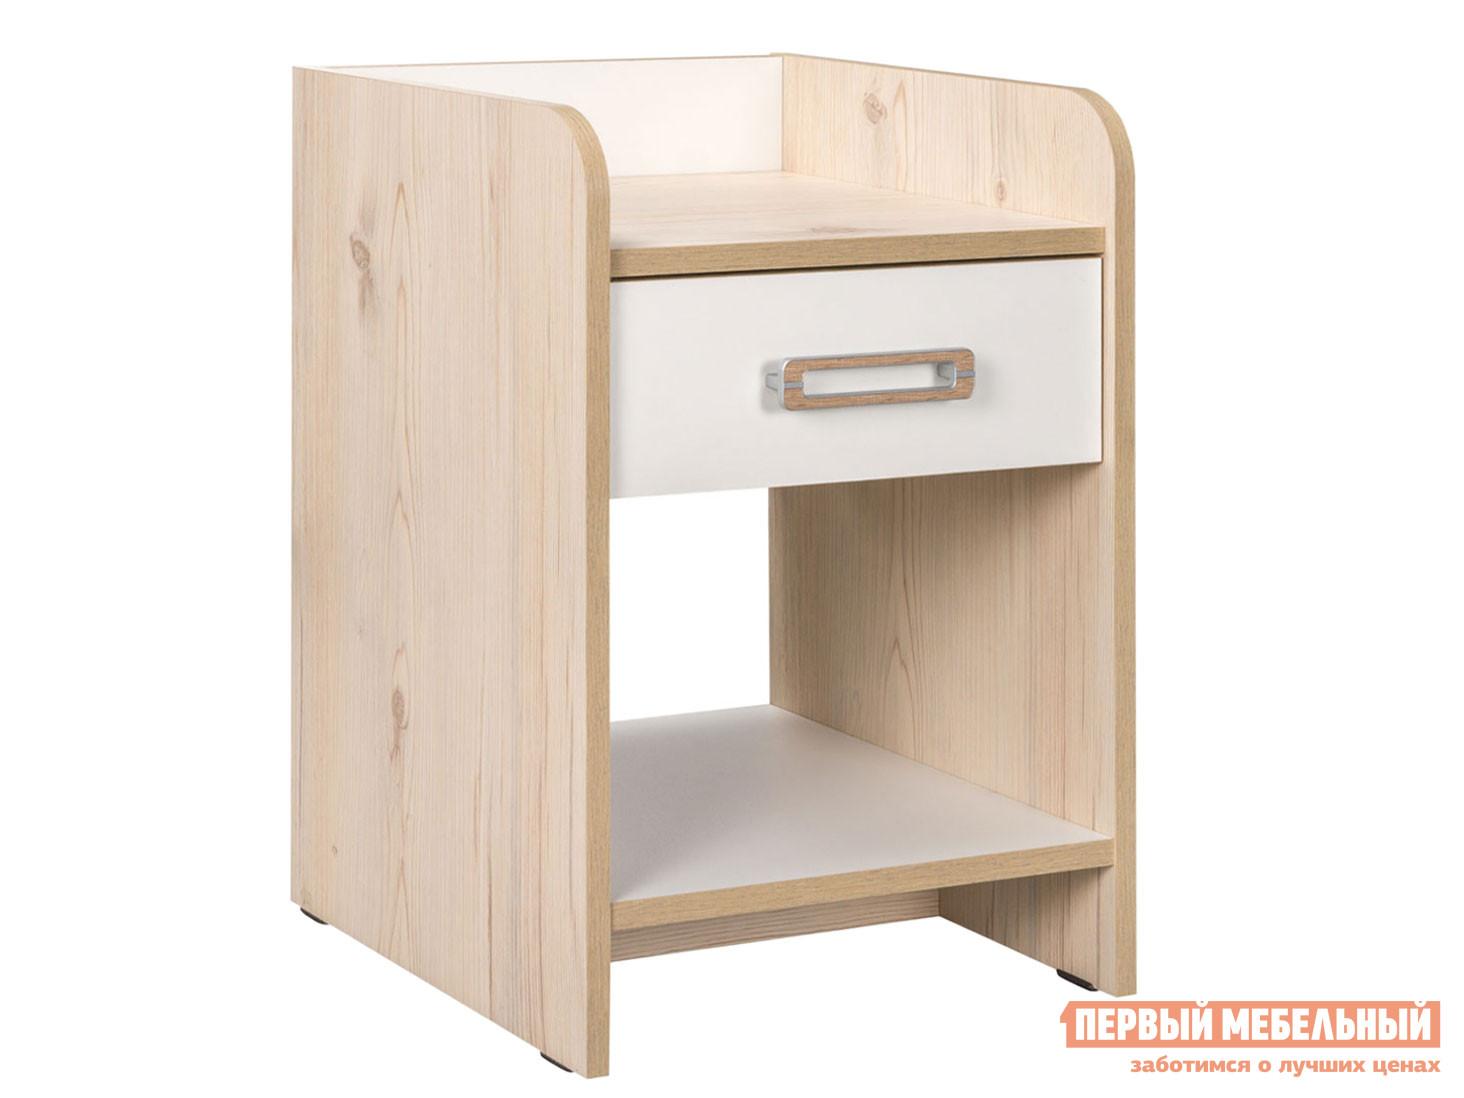 Фото - Прикроватная тумбочка Первый Мебельный Тумба прикроватная Витра прикроватная тумбочка первый мебельный прикроватная тумба стандарт